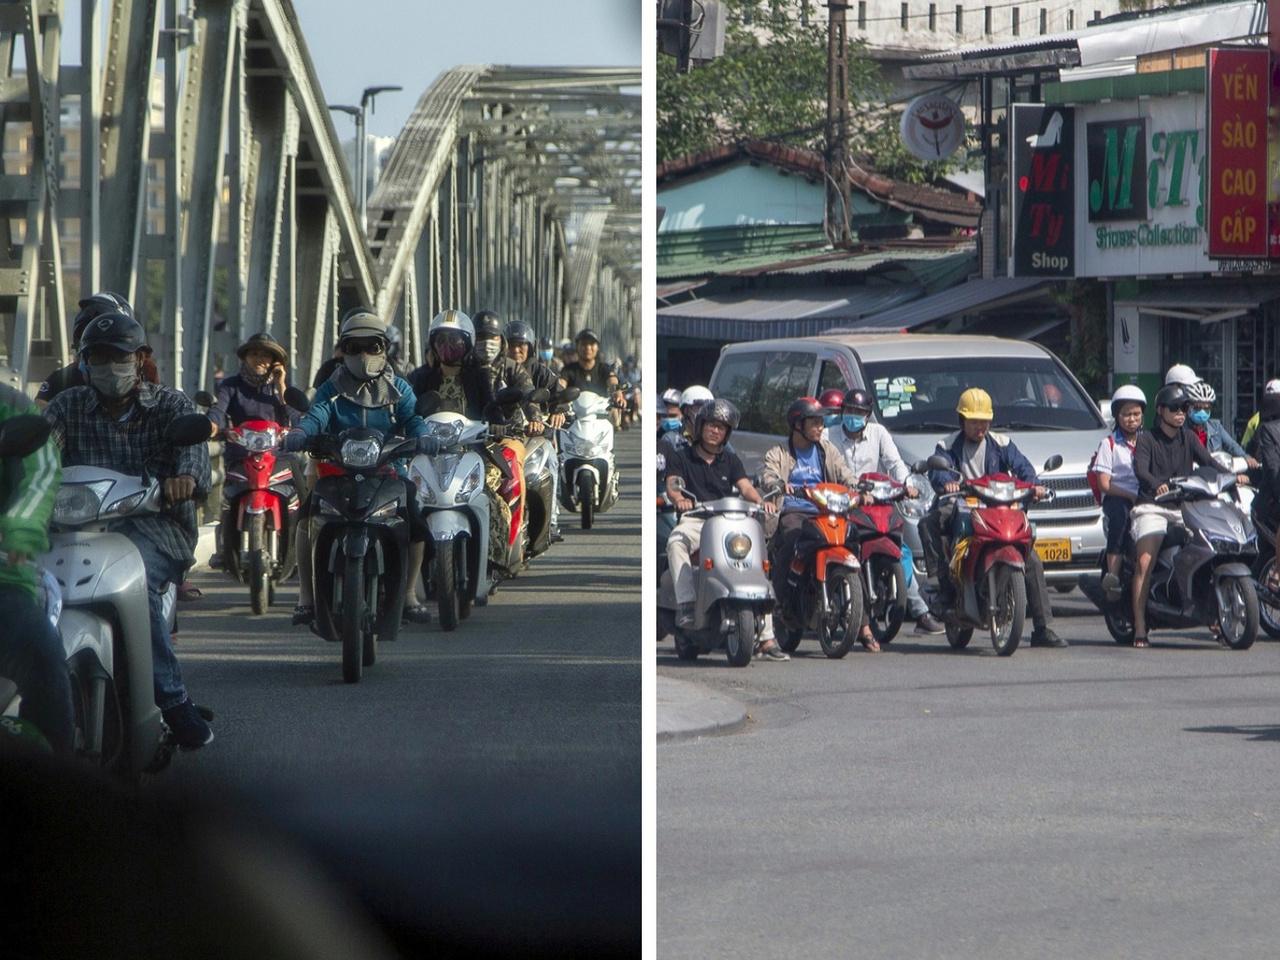 Ezúton is elnézést kérek egy tavalyi bakimért, amikor a Thaiföldről szóló beszámolóban említést tettem az itteni motoros helyzetről. Nos, nem negyven, hanem nyolcvanmillió! motor, jobbára robogó jut az ország százmilliós lakosságára, ezzel világelső. Az ország középső részét és egy trópusi szigetet jártunk be, több száz kilométert megtéve. Ezek a fotók Hueban, ahol a Nguyen dinasztia székhelye és lenyűgöző palotakomplexuma található és Da Nangban, az ország harmadik legnagyobb városában készültek. Ezeken a helyeken csak óriási rutinnal és stressztűrő képességgel érdemes robogót bérelni, mert tíz másodperc alatt bedarálják a nem elég határozott motorost, amire sajnos több példát is láttunk utunk során